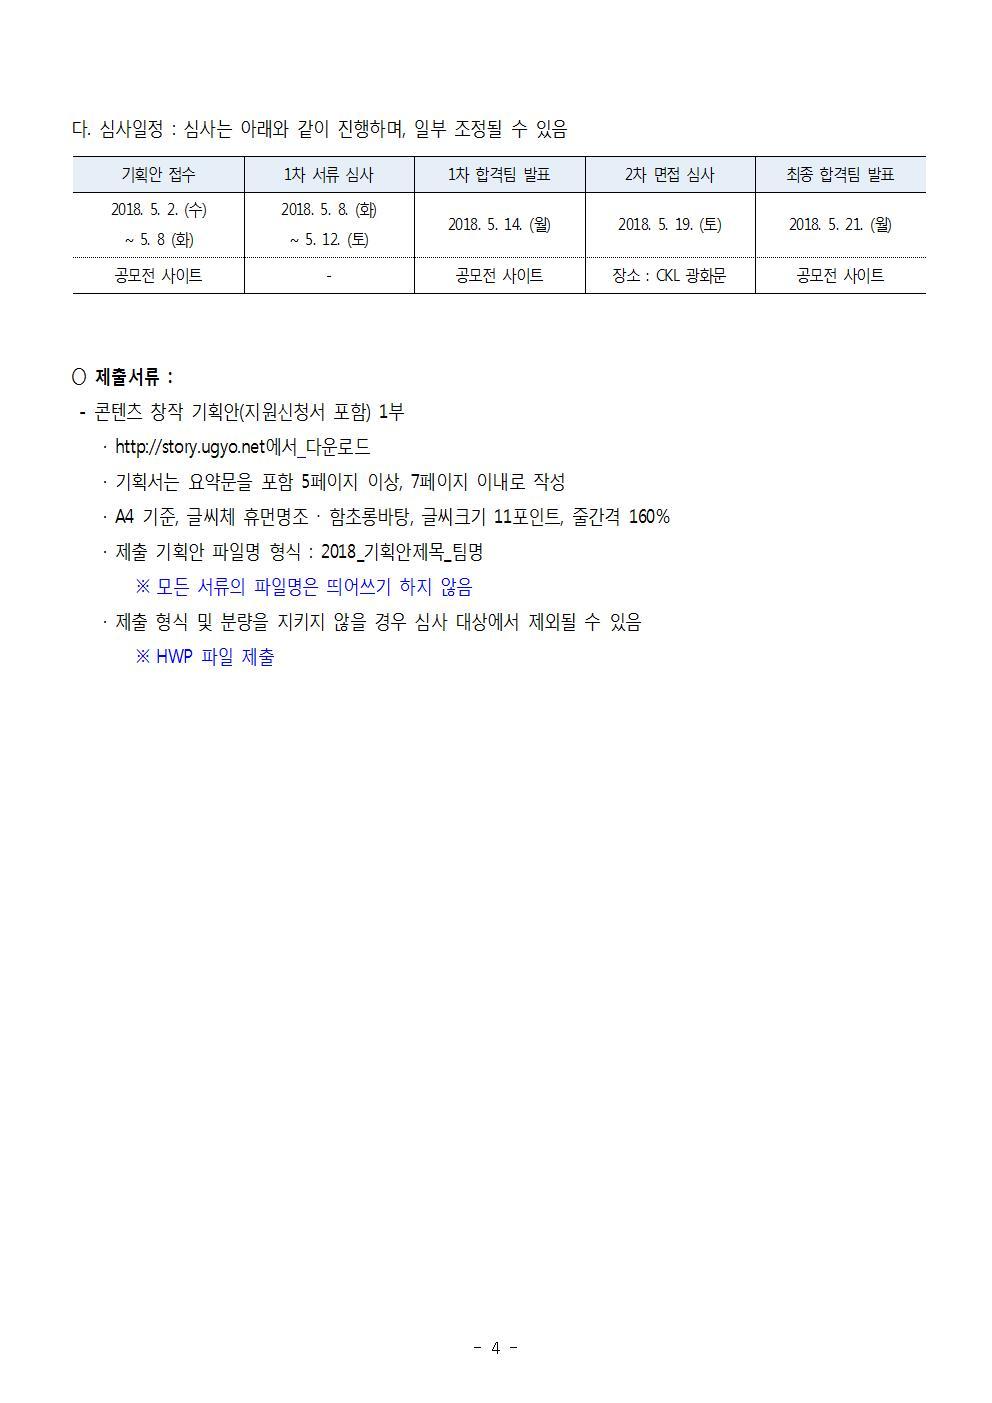 2018_스토리테마파크 공모전(공모요강)004